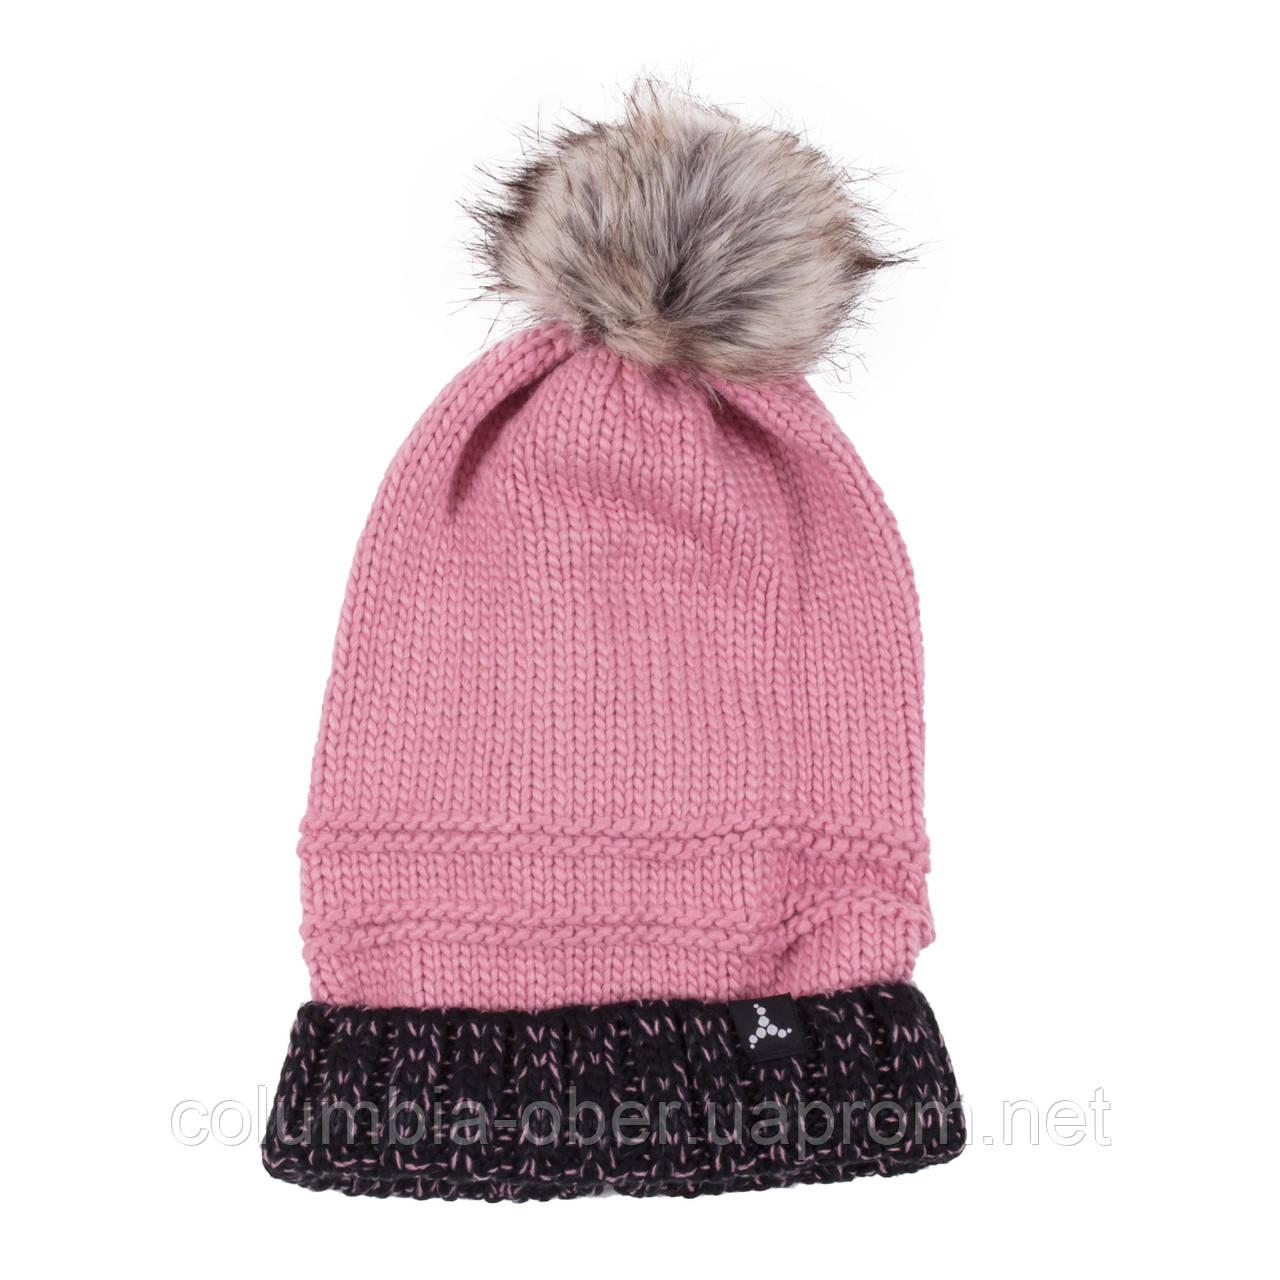 Зимняя детская шапка для девочки SNO F19TU314AF Camelia Pink. Размер 54/56.